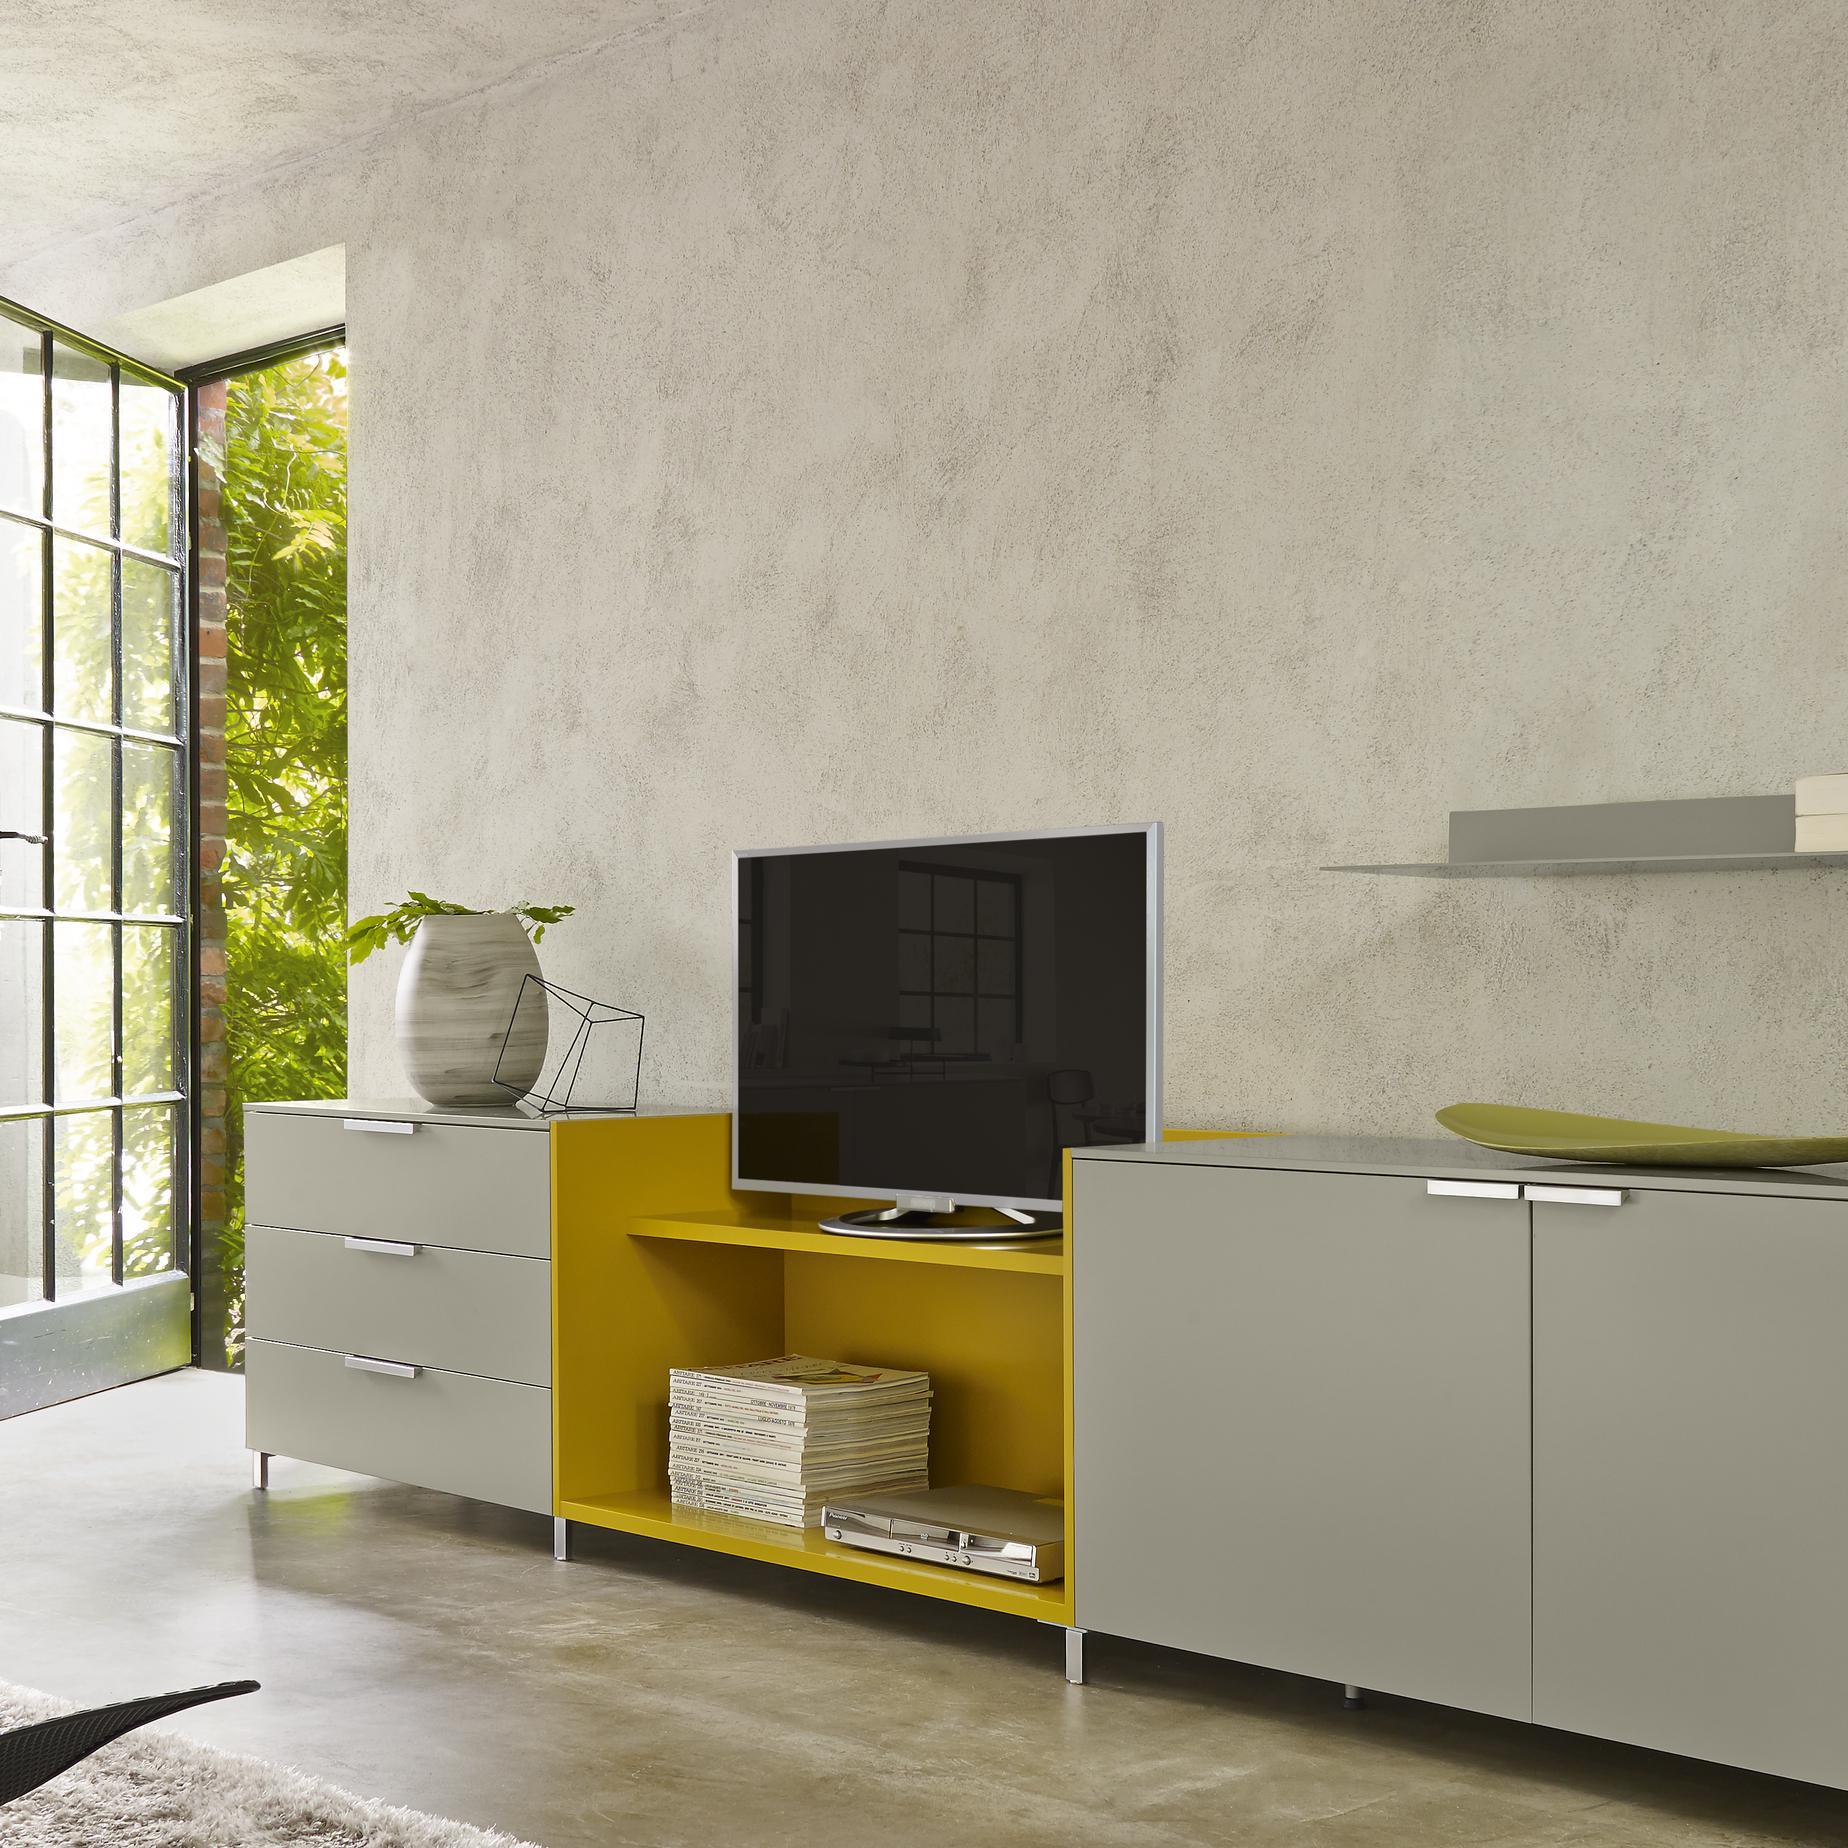 everywhere media storage designer christian werner ligne roset. Black Bedroom Furniture Sets. Home Design Ideas